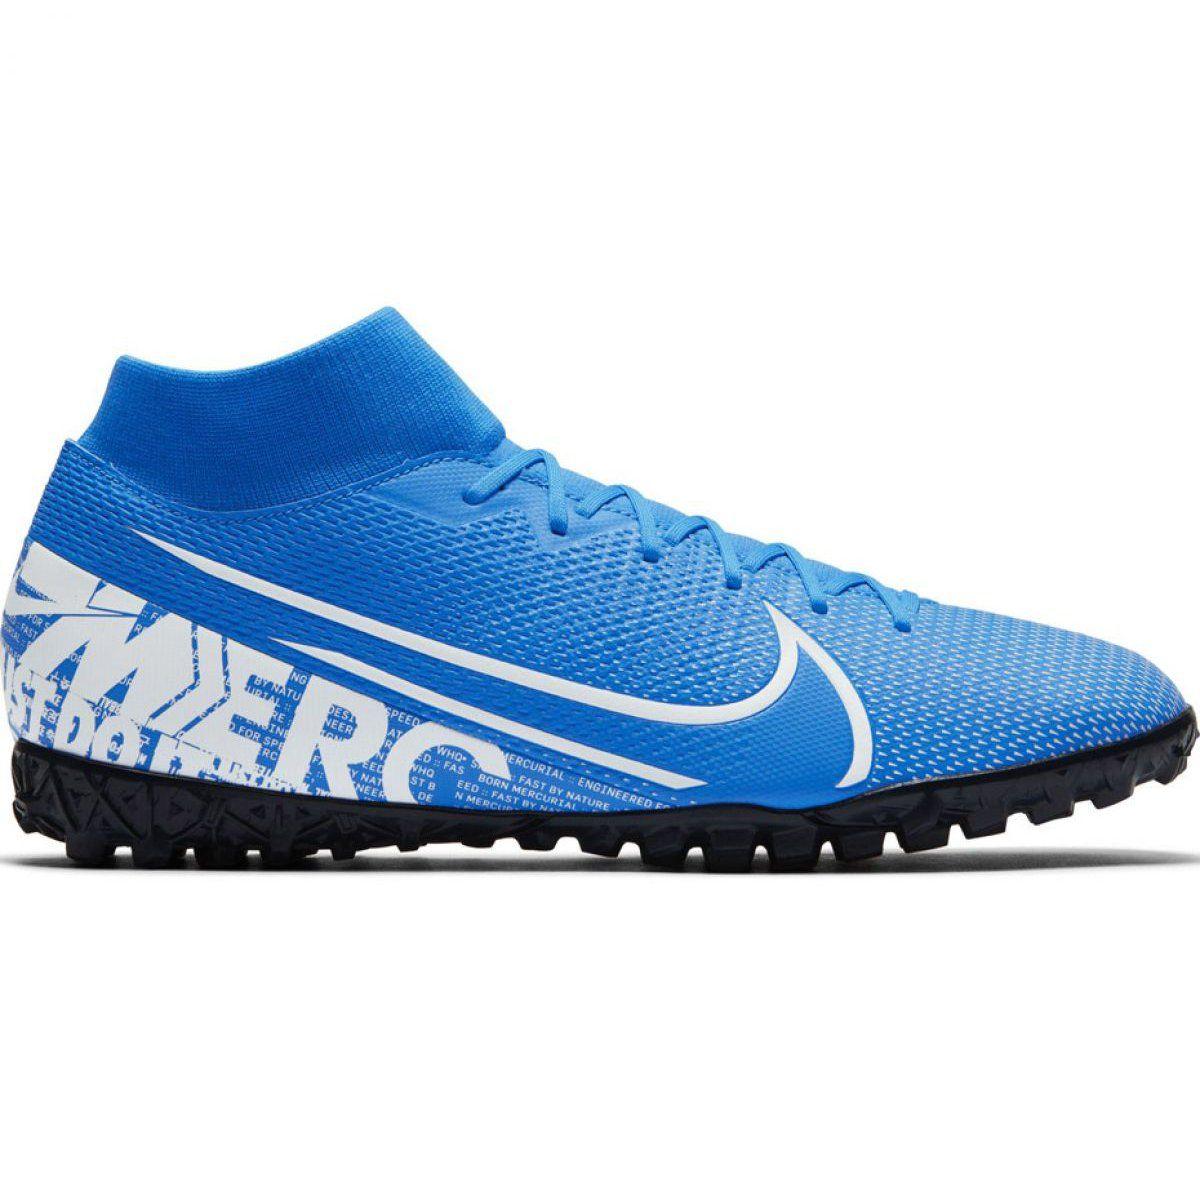 Buty Pilkarskie Nike Mercurial Superfly 7 Academy M Tf At7978 414 Niebieskie Wielokolorowe Mens Football Boots Football Shoes Nike